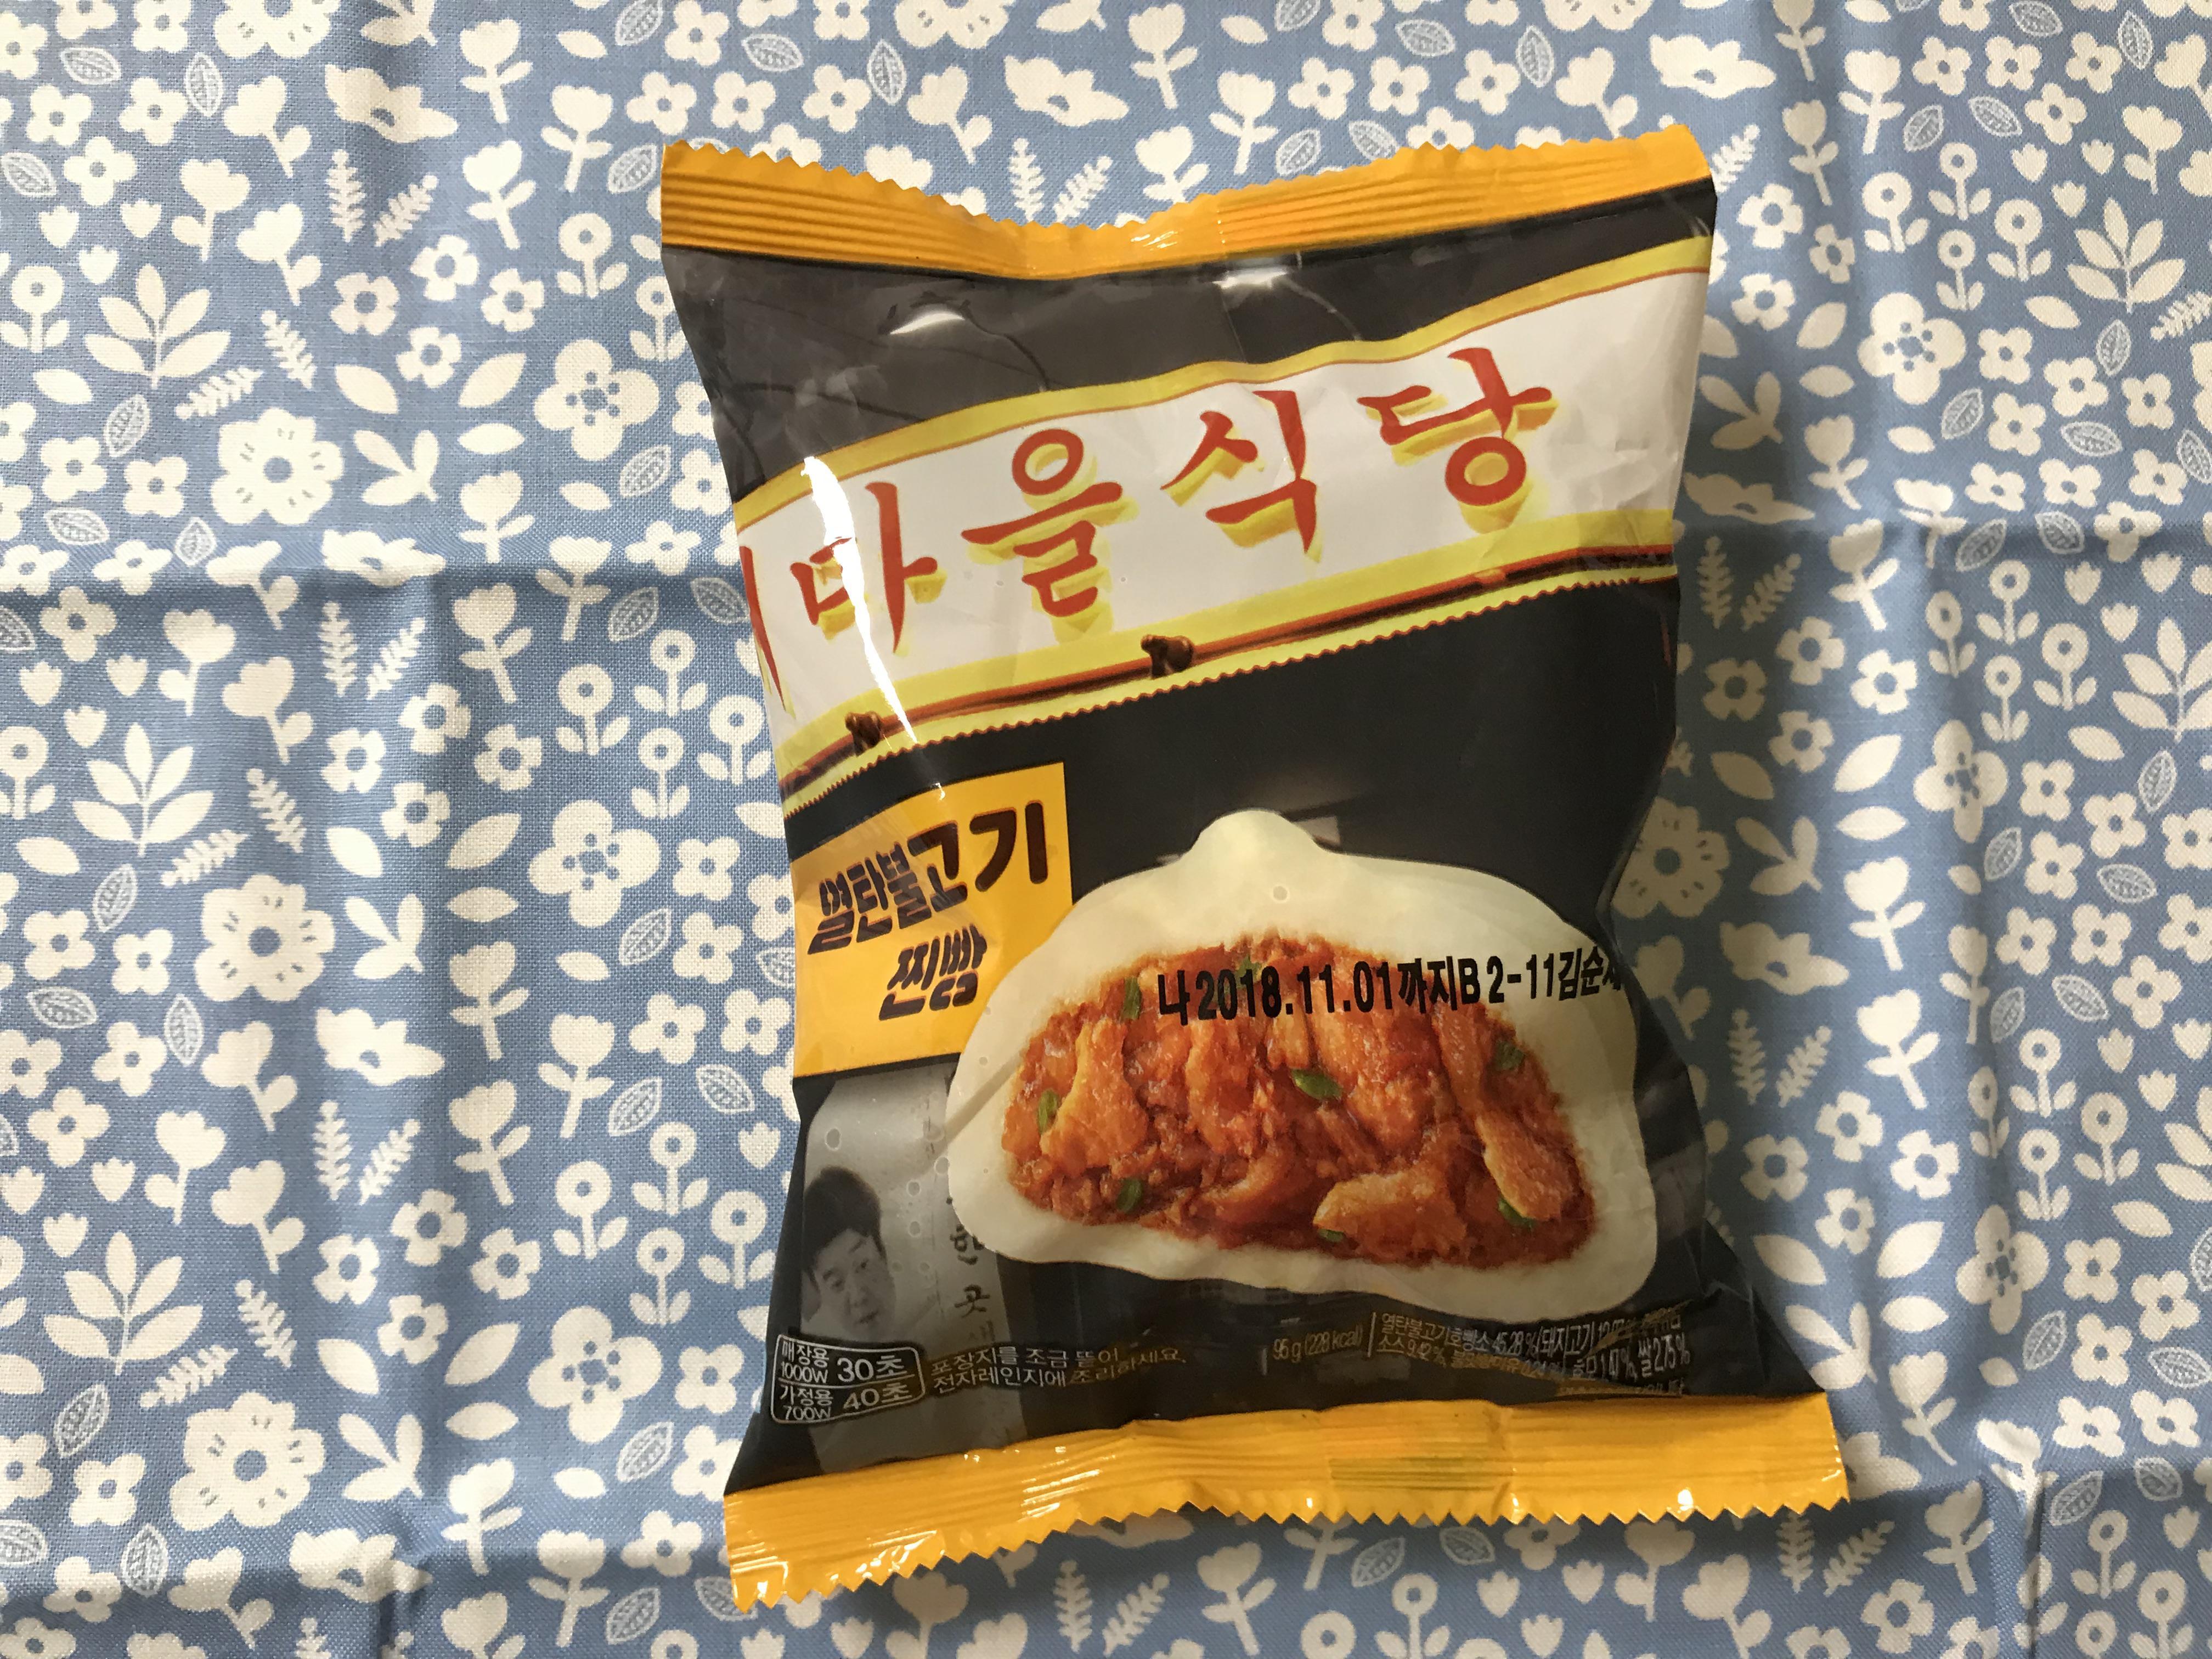 매콤한 제육볶음과 찐빵의 만남, [CU]새마을식..